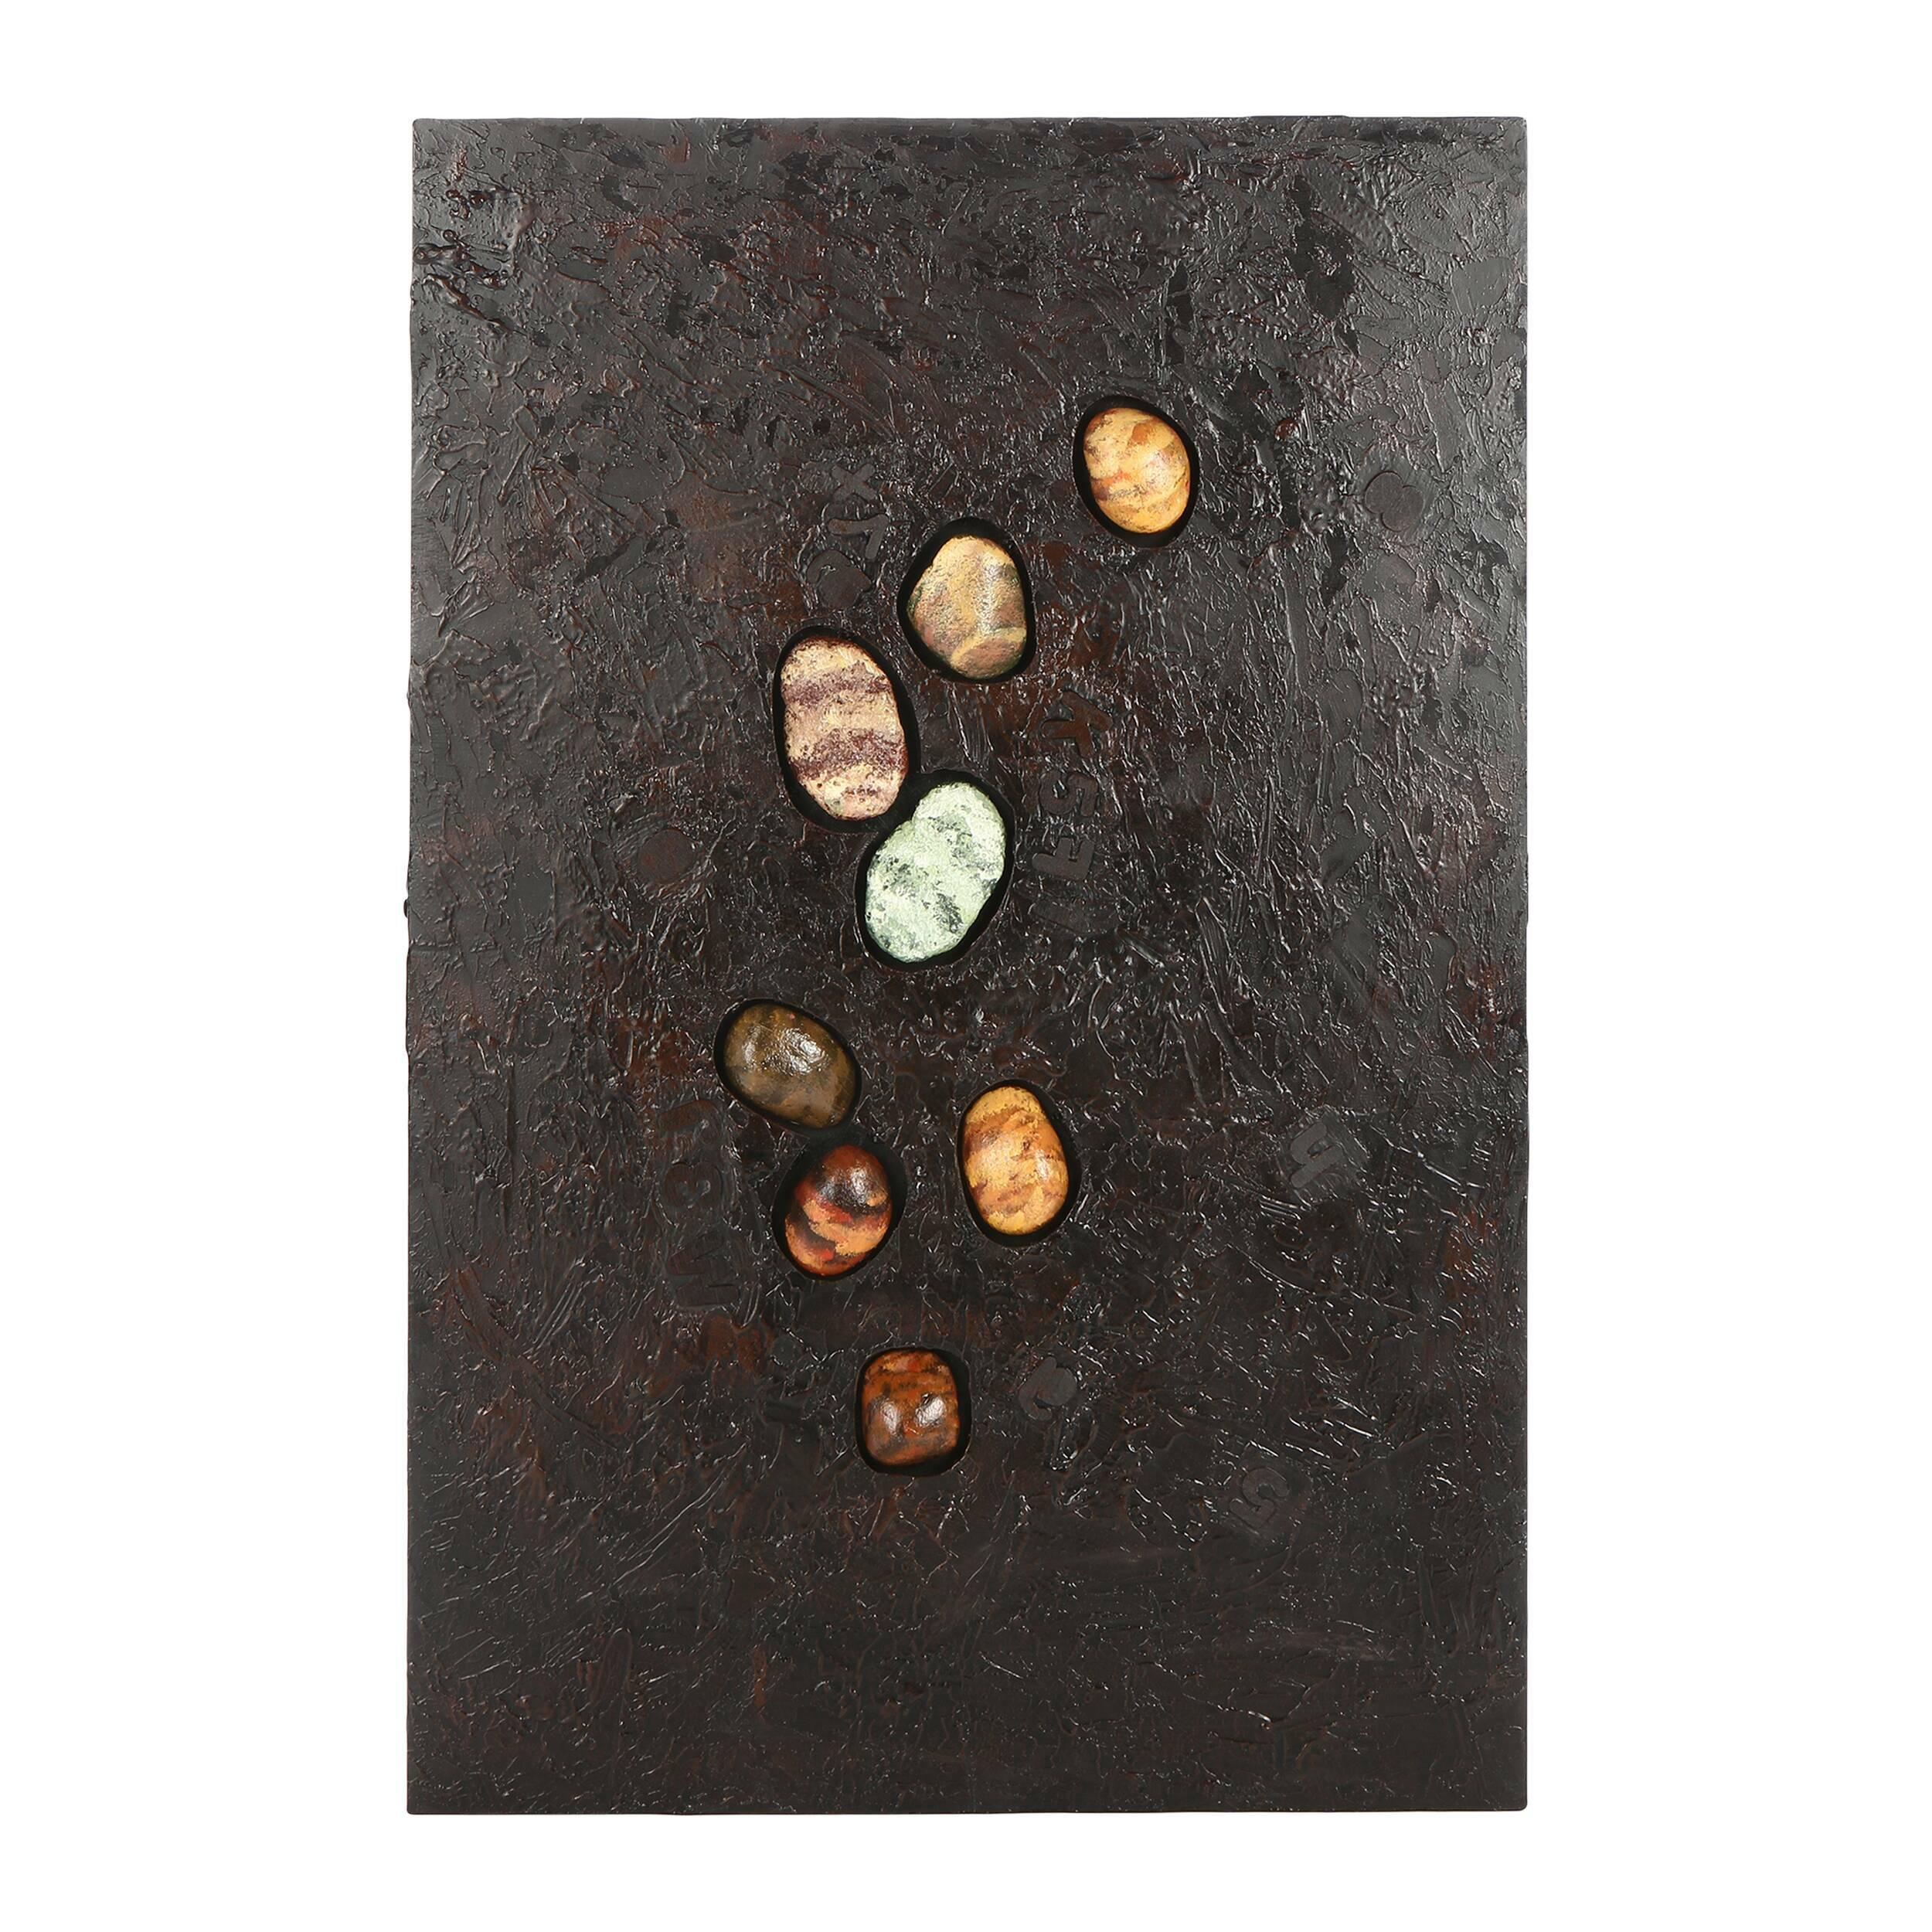 Картина ConcreteКартины<br>Картина Concrete — это вариация другой картины от компании Cosmo — Melting, своего рода цветной вариант, который подходит другим по цветовому оформлению помещениям. Однако она создает несколько другой эффект. Если на первой изображена галька, напоминающая метеориты с далеких планет, которые будто расплавили под собой полотно, то здесь же создается впечатление, что камешки впечатаны в бетонный настил. Отсюда и название — Concrete, что с английского переводится как «бетон». Однако художник одни...<br><br>stock: 6<br>Ширина: 120<br>Материал: Роспись по дереву<br>Цвет: Темно-серый<br>Длина: 80